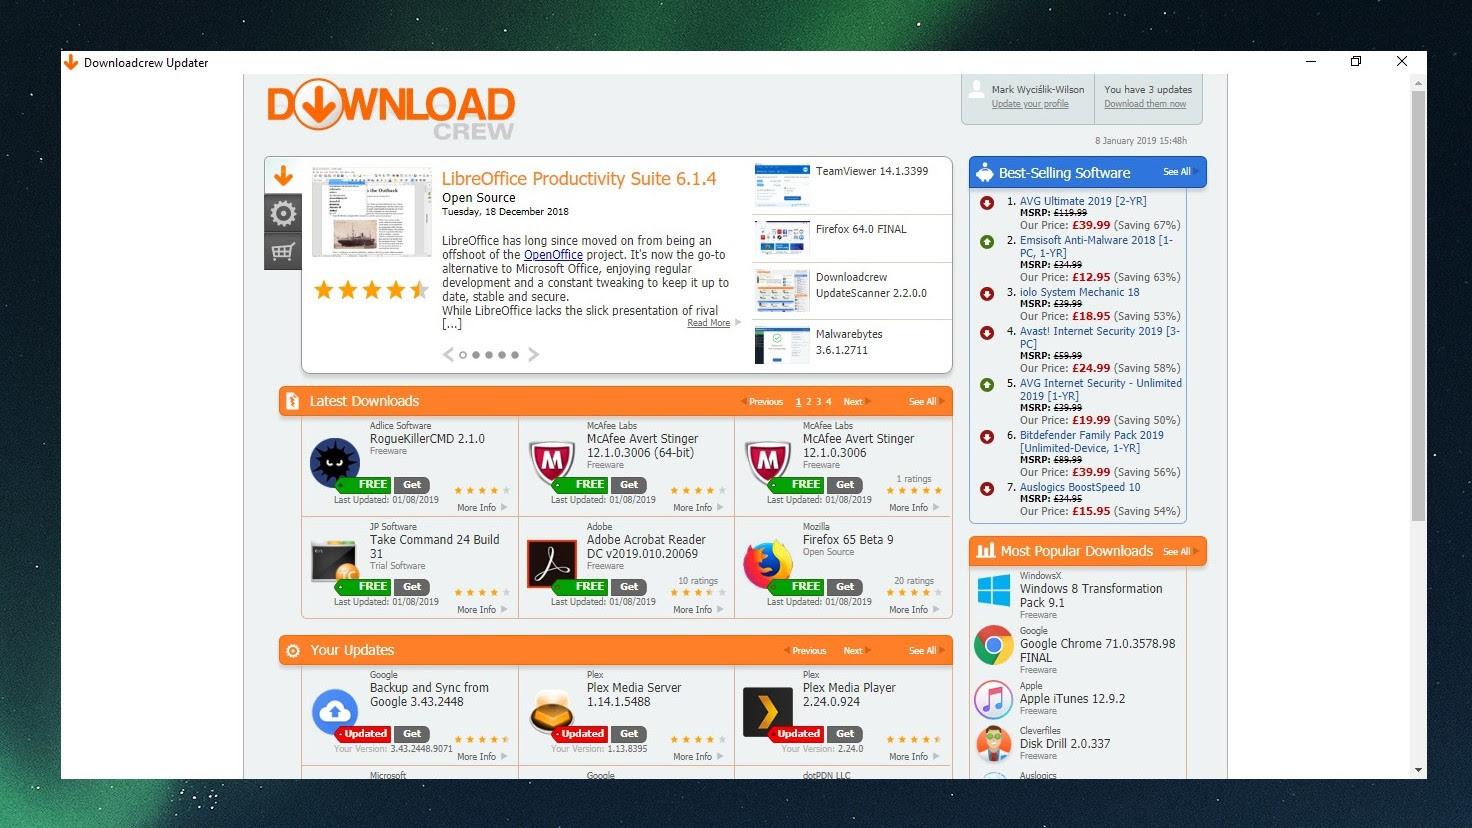 Downloadcrew UpdateScanner